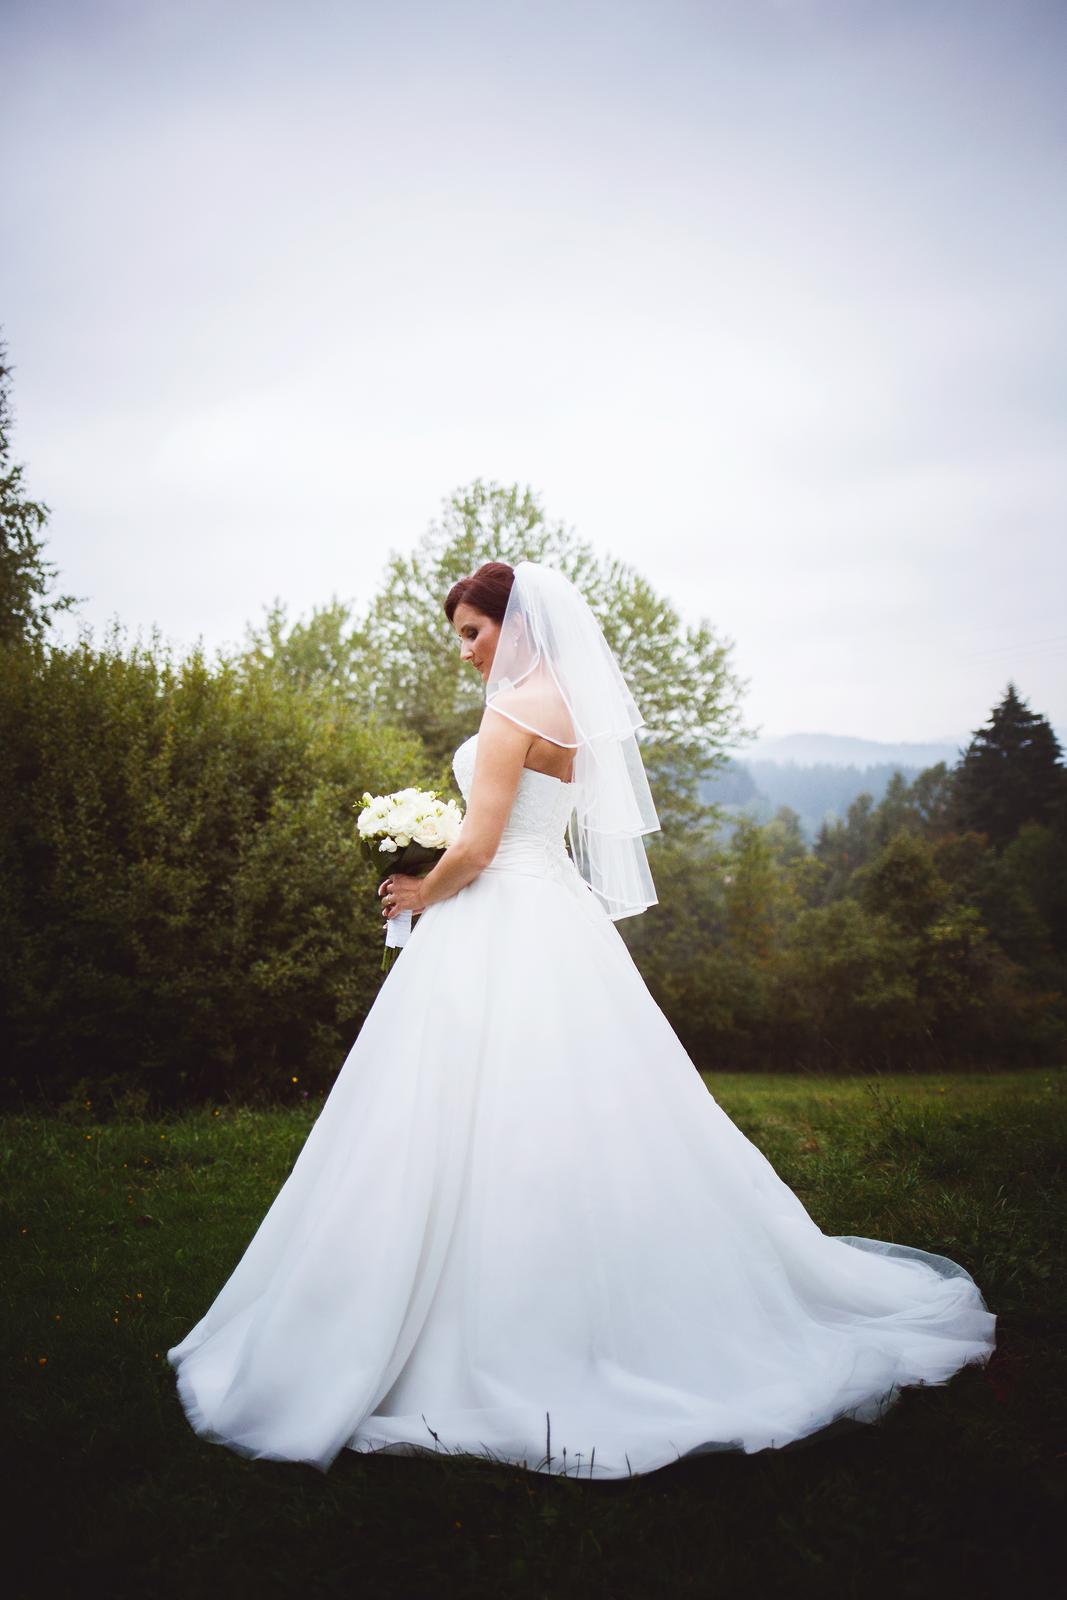 Svadobné šaty neviest z MS - @mirkaskulavikova